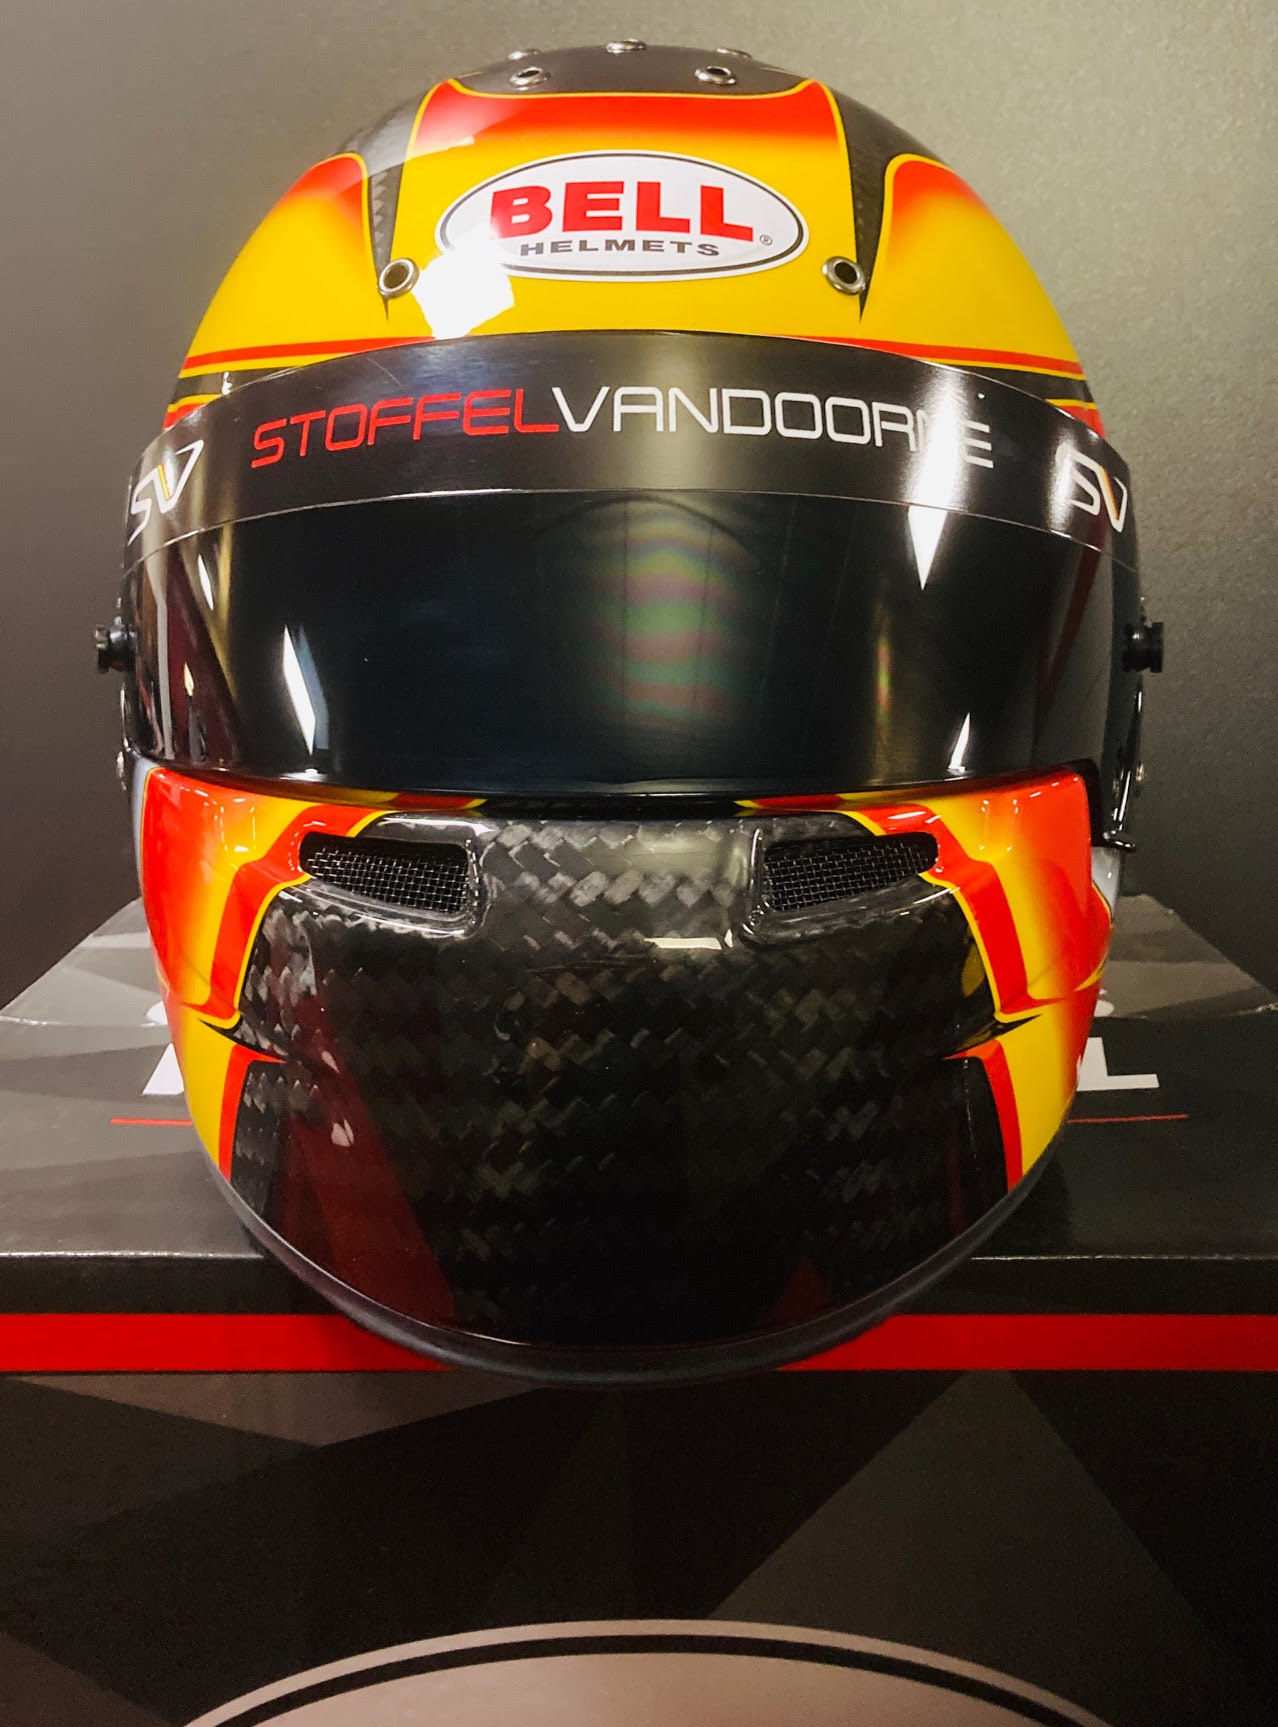 Bell Helmets F1 Replica Helmet 1:1 Stoffel Vandoorne 2018